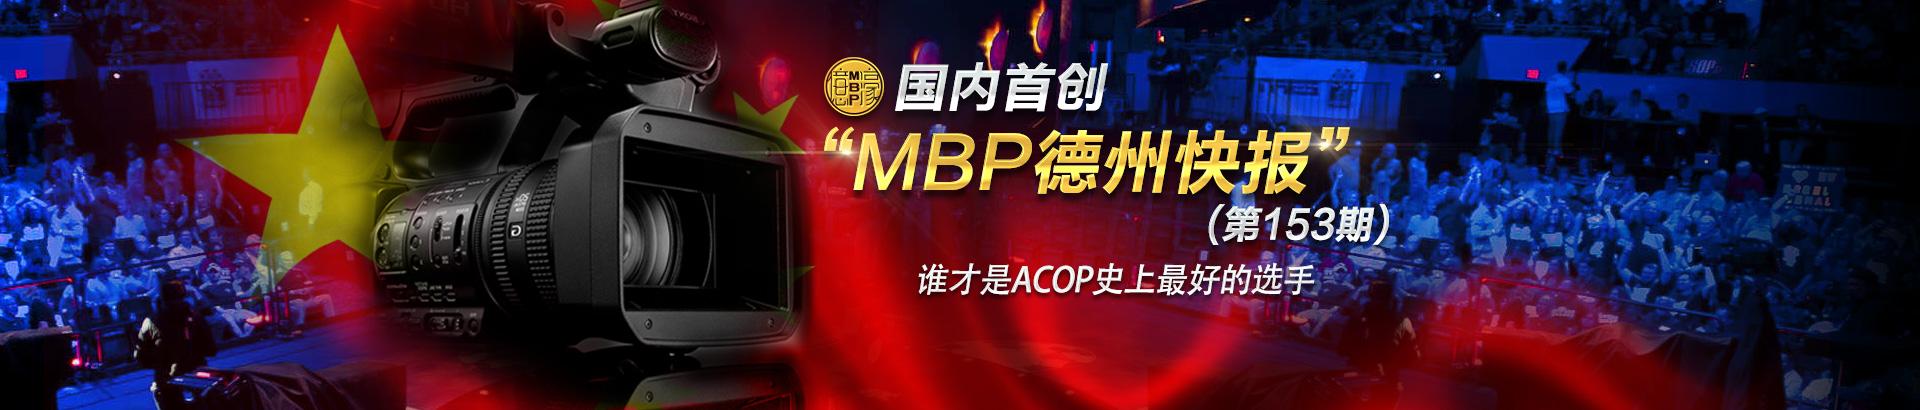 【MBP德州快报153】:谁才是ACOP史上最好的选手